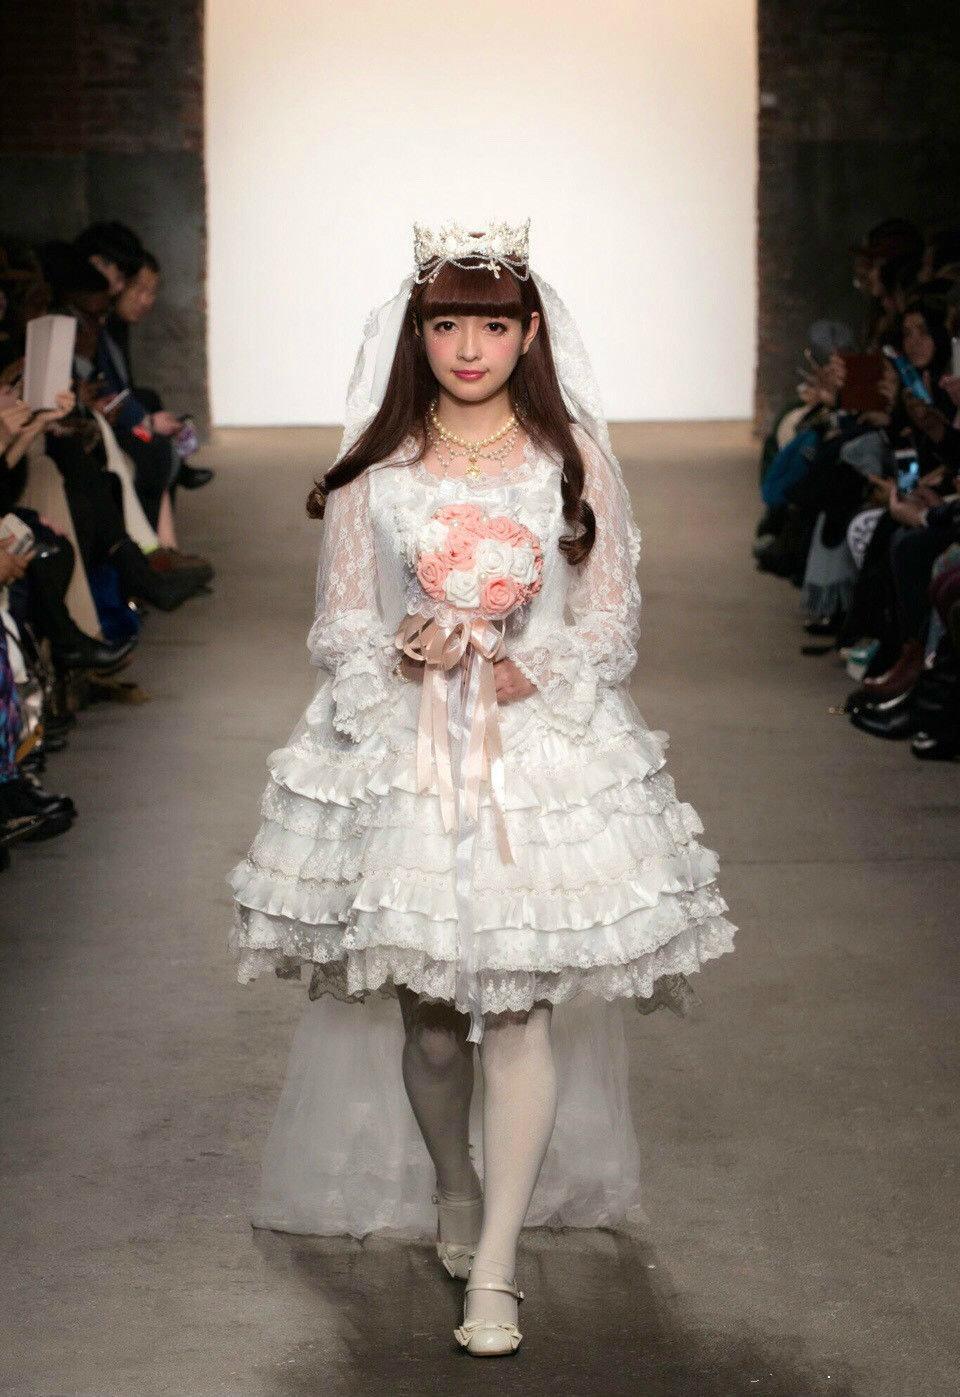 服装设计专业出身的她,在经营自己的品牌之前,还做过一阵子的洛丽塔装